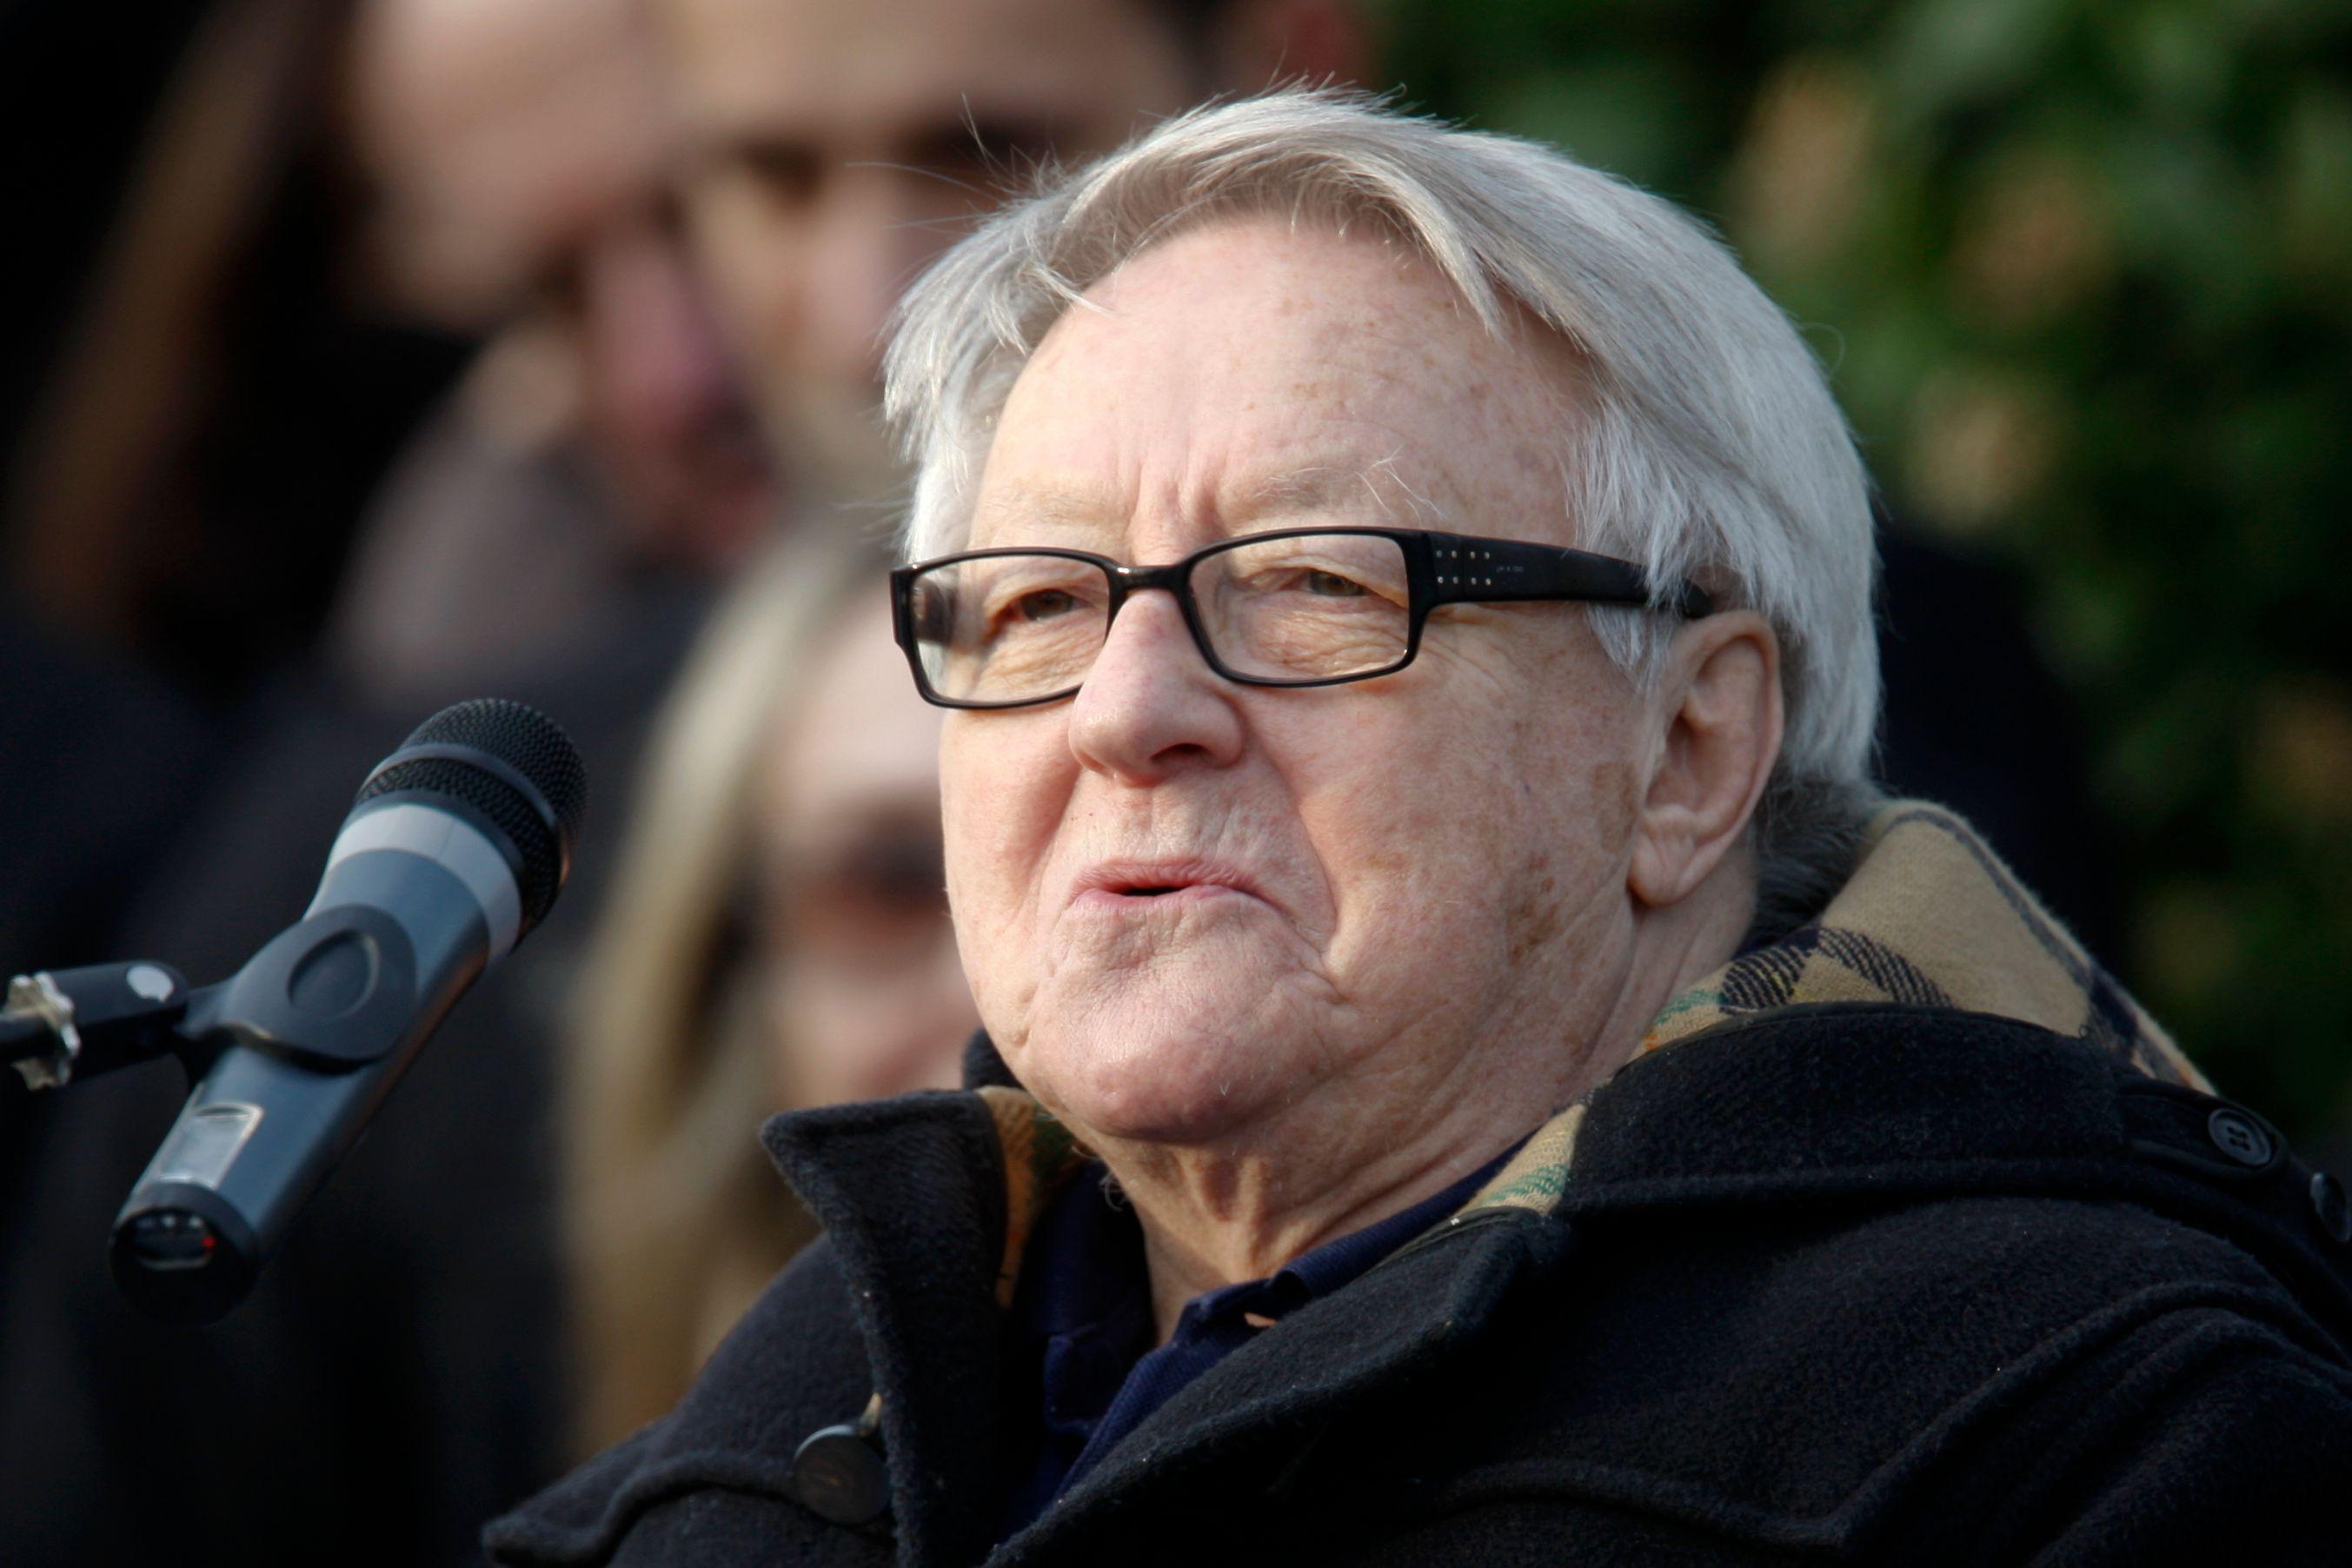 L'acteur Roger Dumas prononce un discours lors des obsèques du réalisateur Claude Berri au cimetière de Bagneux, près de Paris le 15 Janvier 2009.